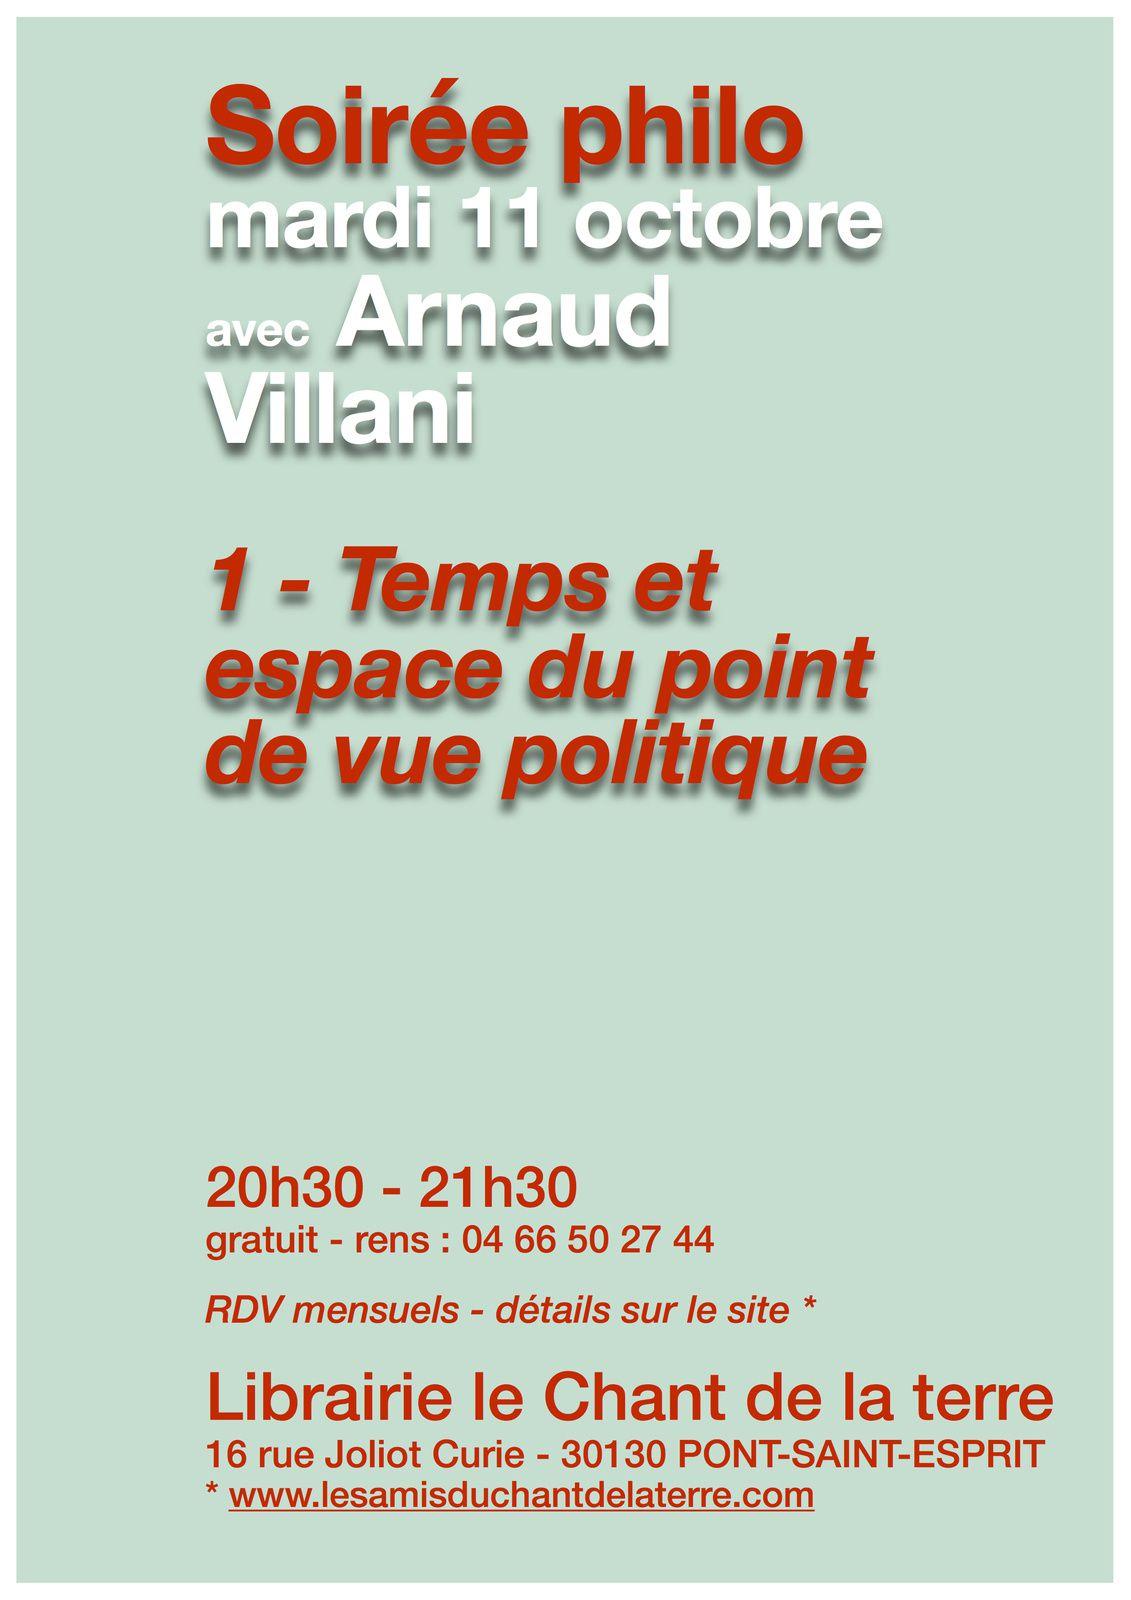 Soirée philo avec Arnaud Villani